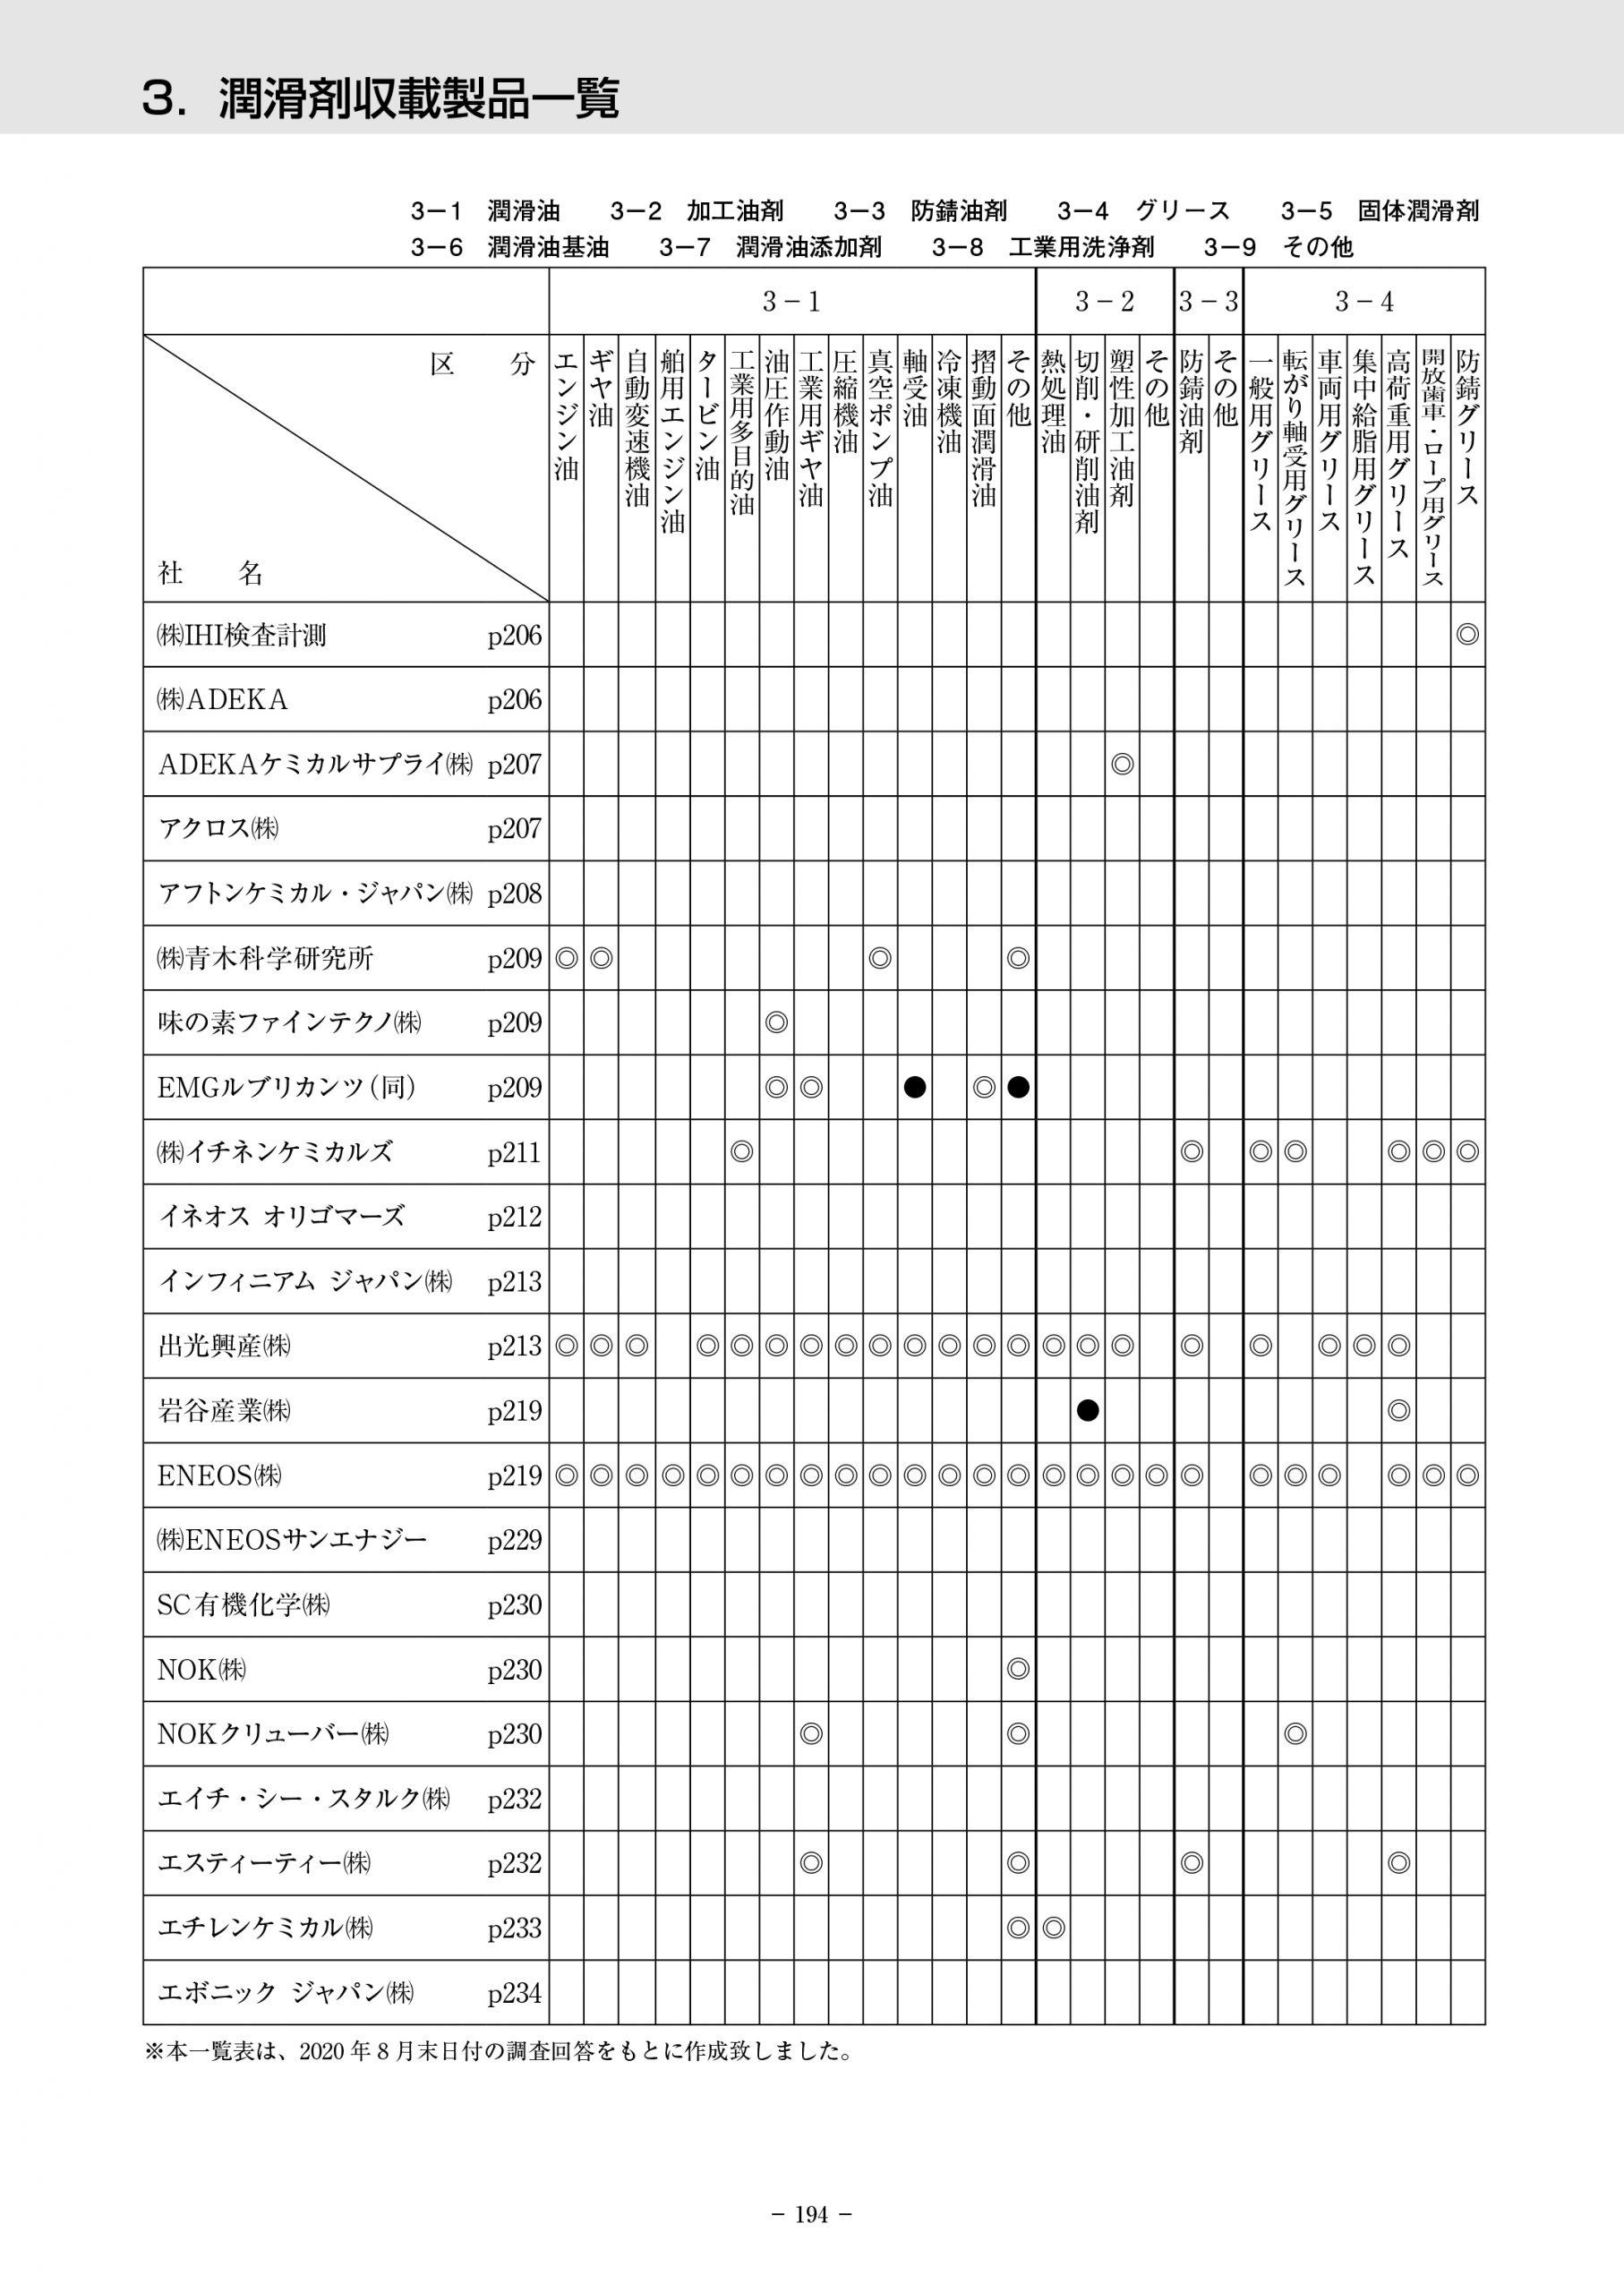 収載製品の分類別一覧表